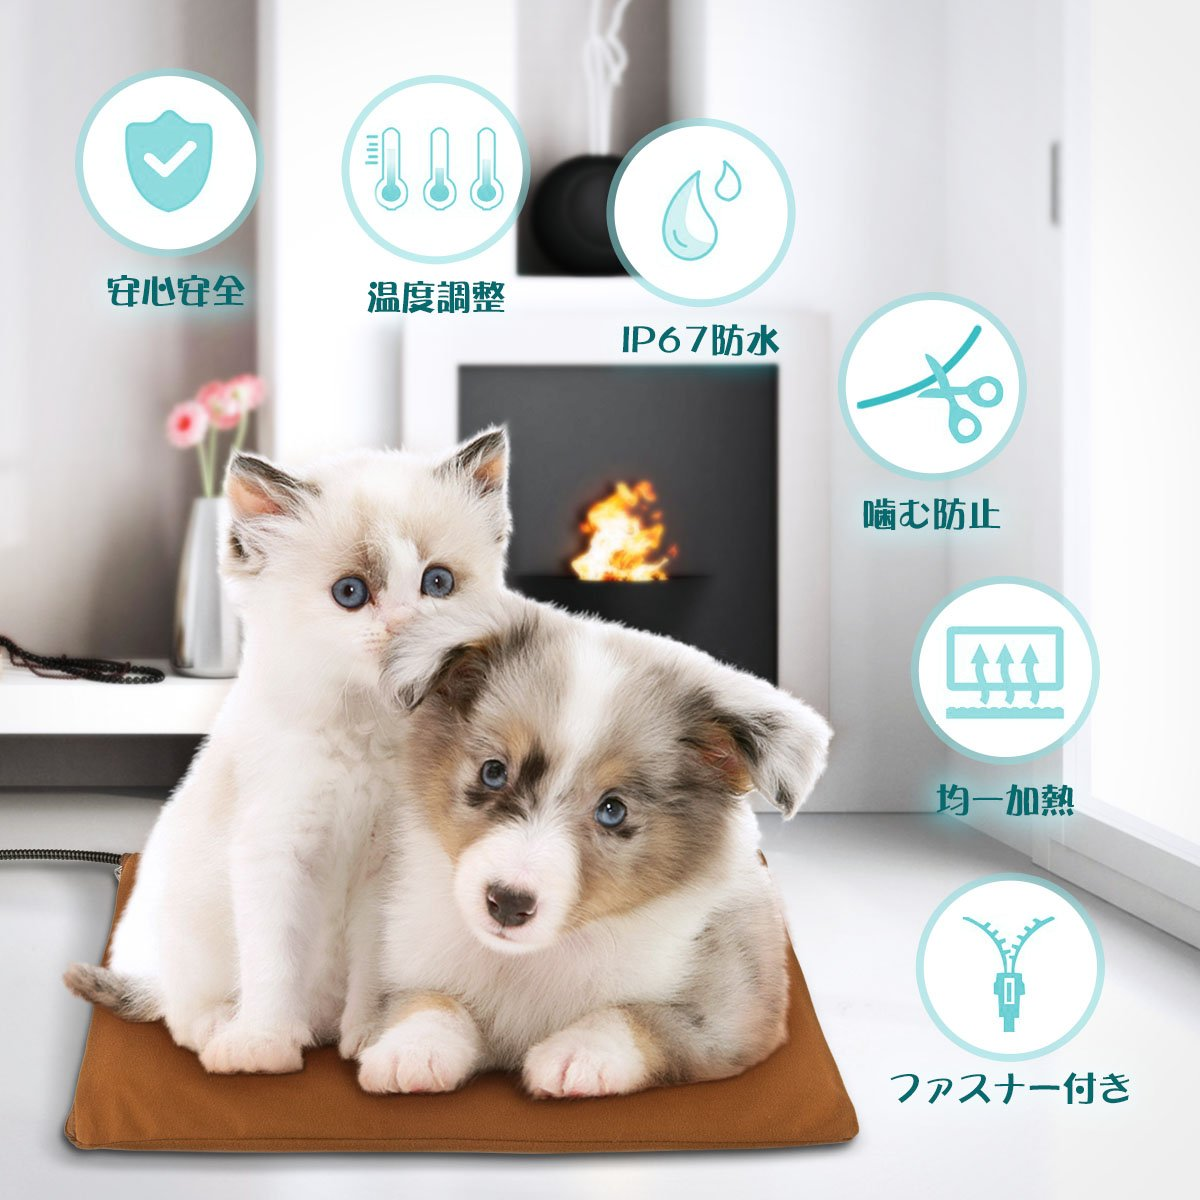 ペット用ホットカーペット  犬猫 寒さ対策 7段階温度調節可能  省エネ 過熱保護機能付き カバー取り外し洗濯可能【CE UL PSE RoHS認証済み 12ヶ月保証】タイムセール特価21%割引販売中